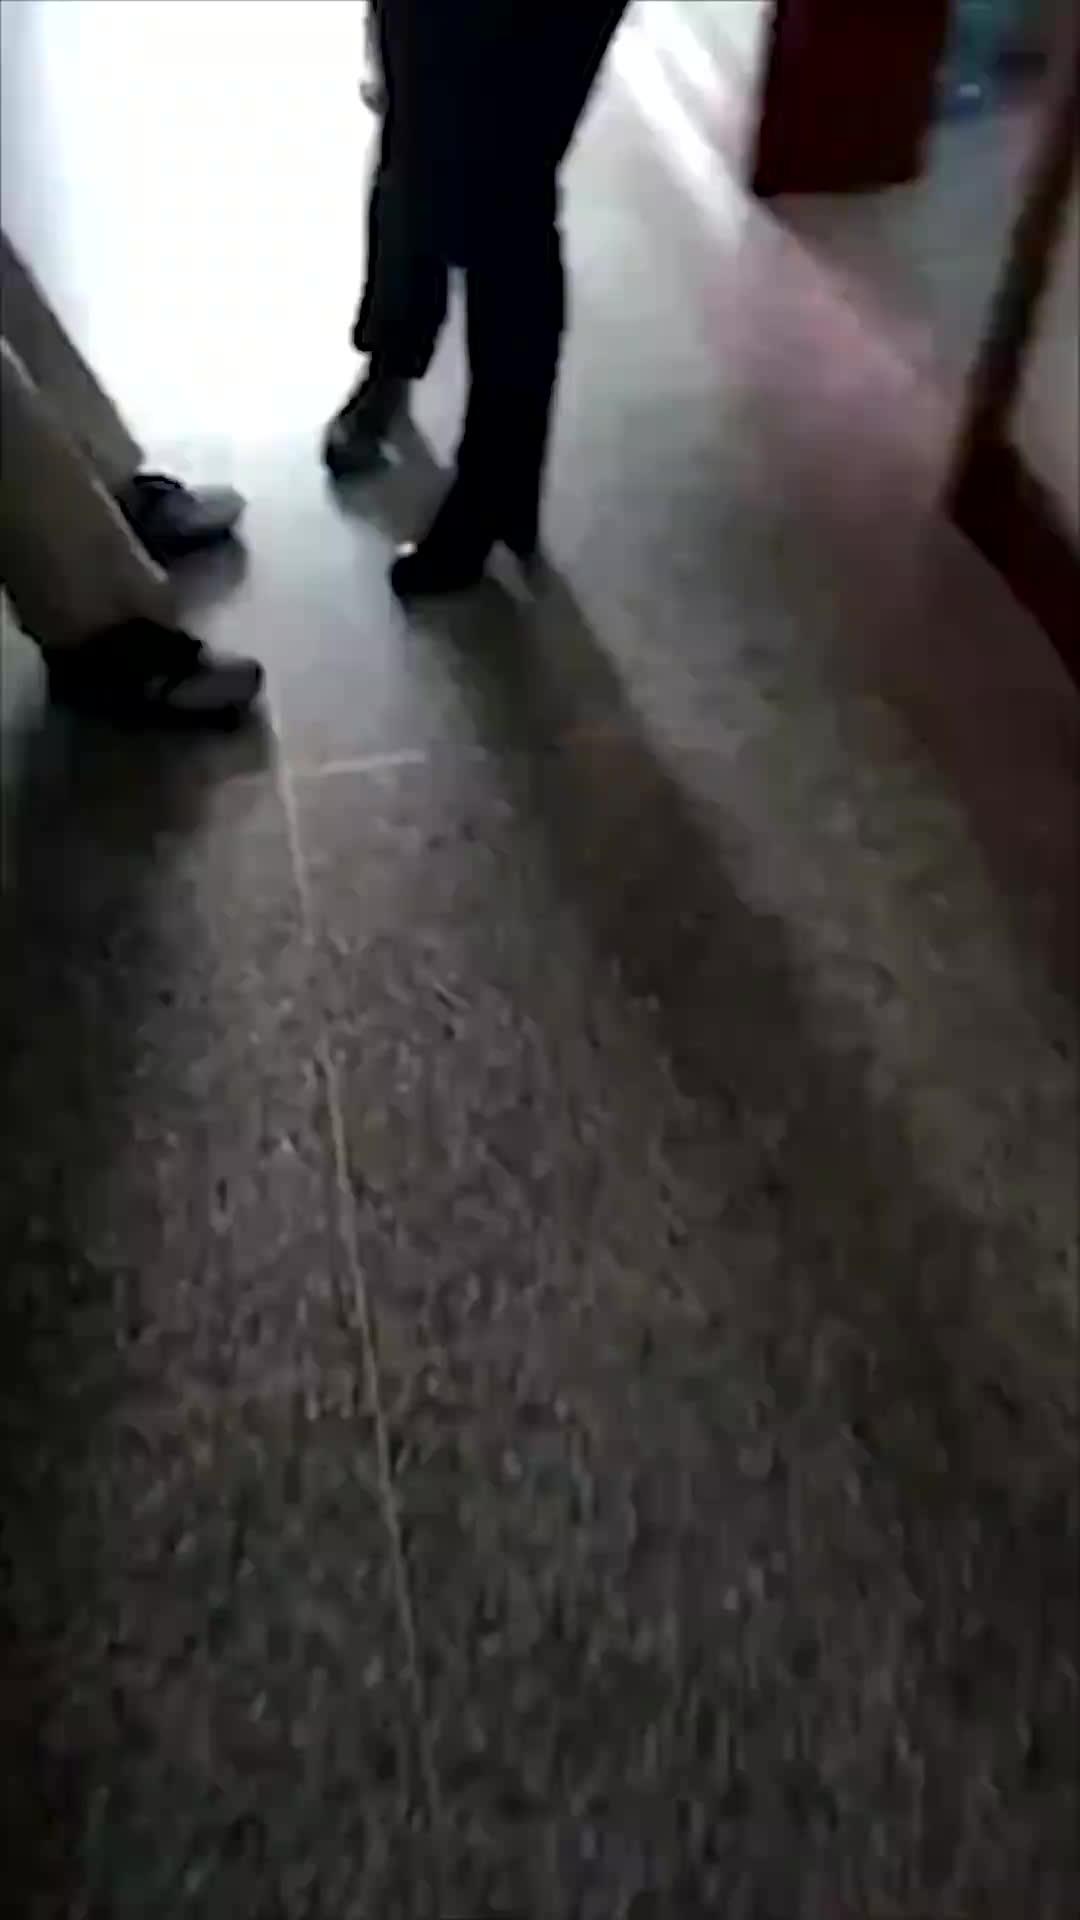 [视频]流浪狗疑狂犬病发作连伤多人 家长持打狗棒送孩子上学